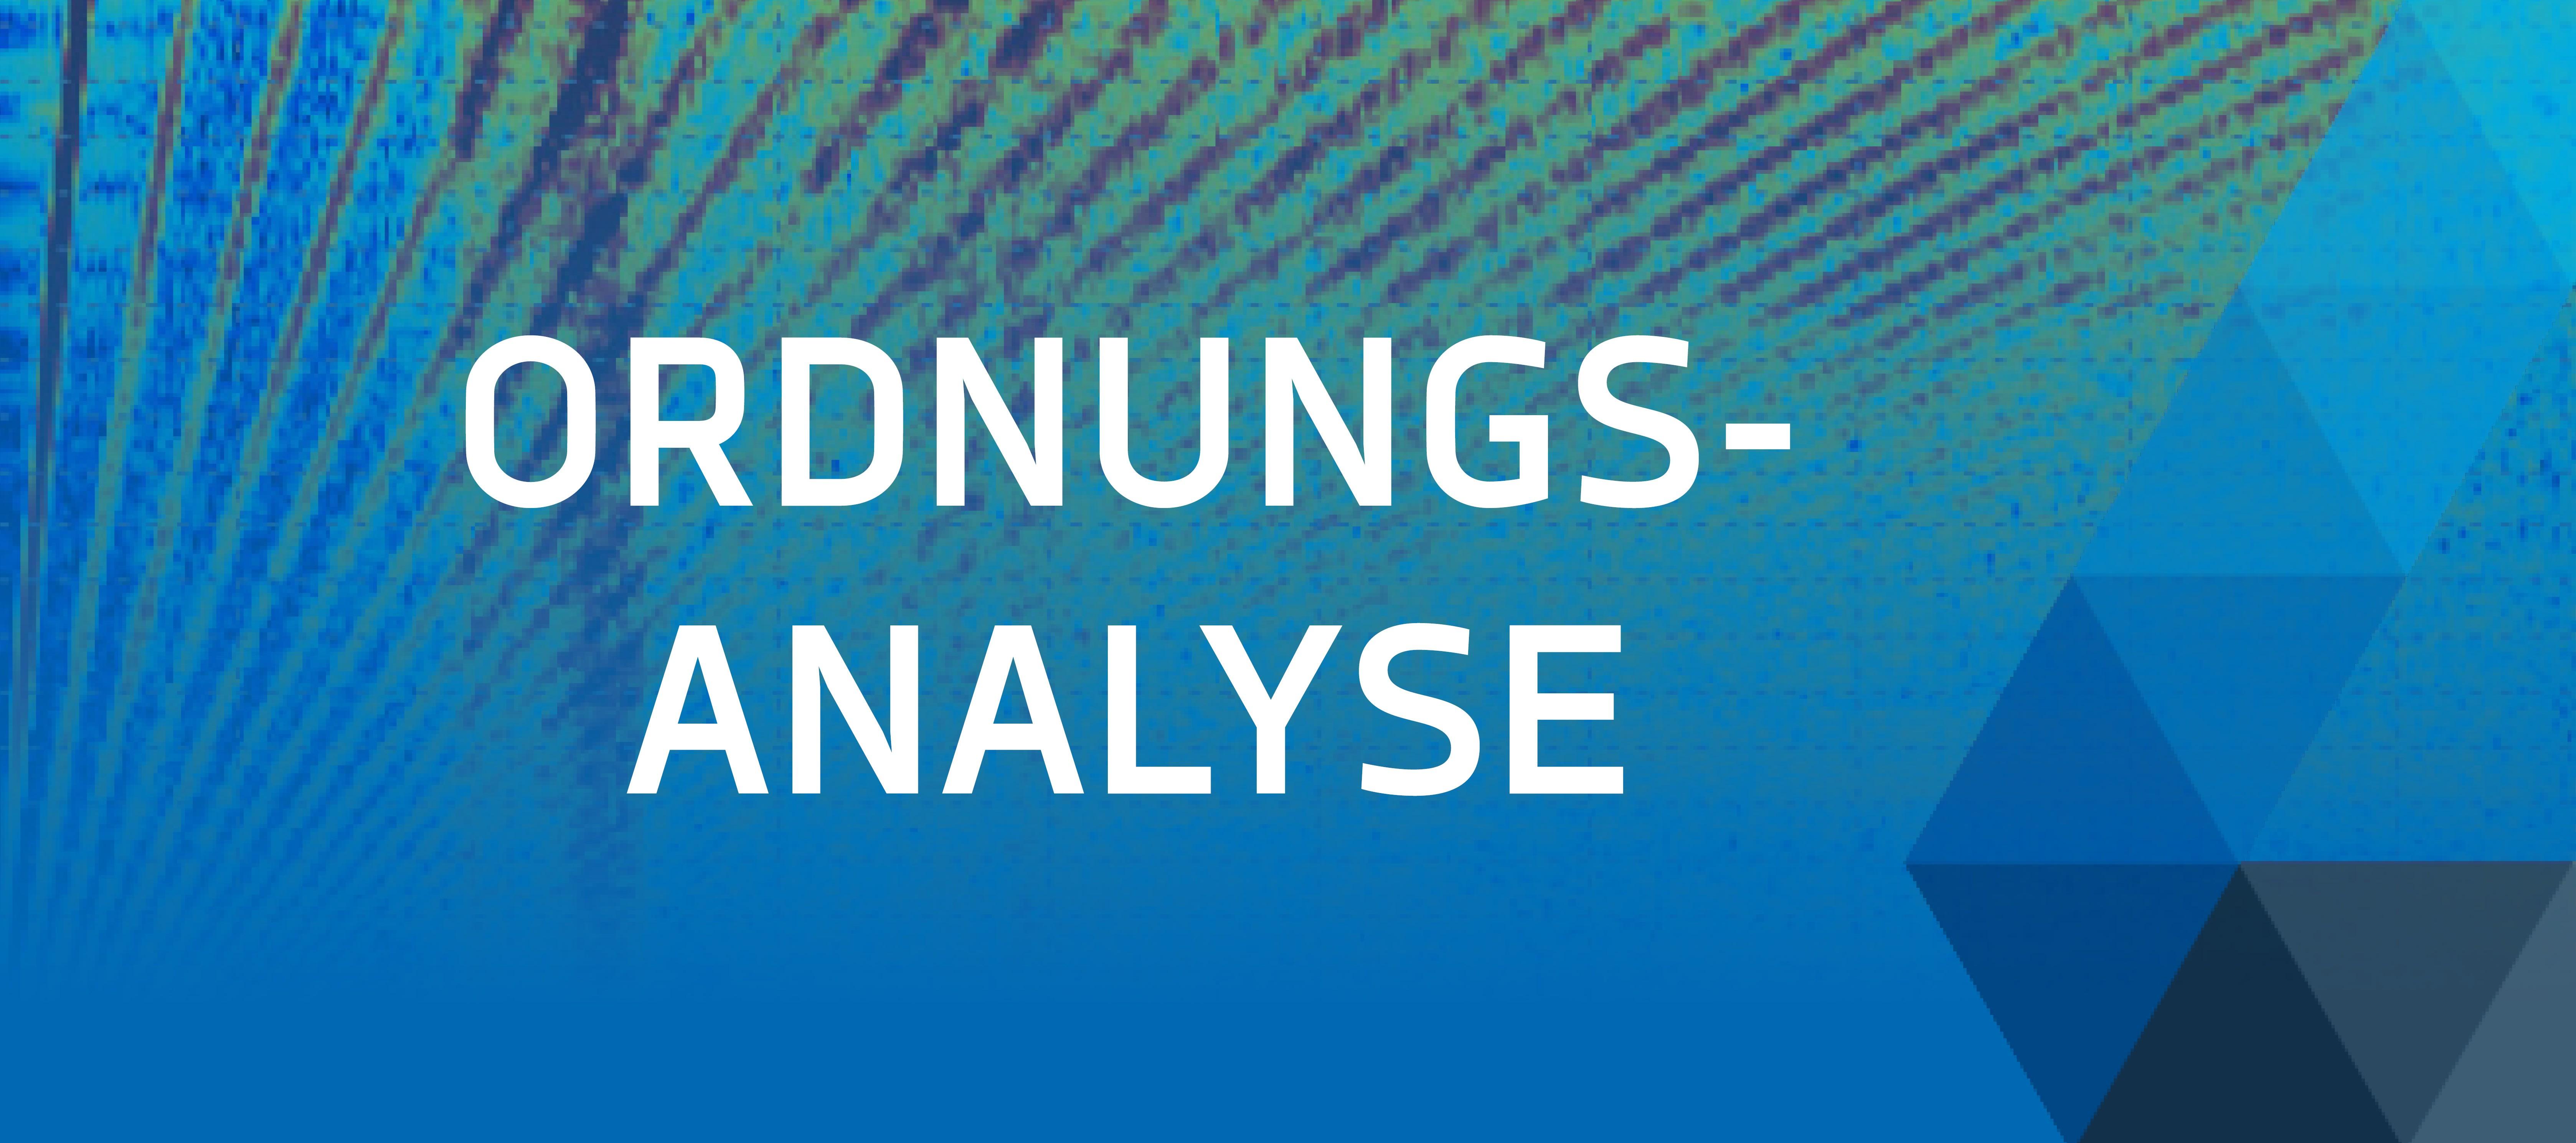 Ordnungsanalyse mit DEWETRON Banner